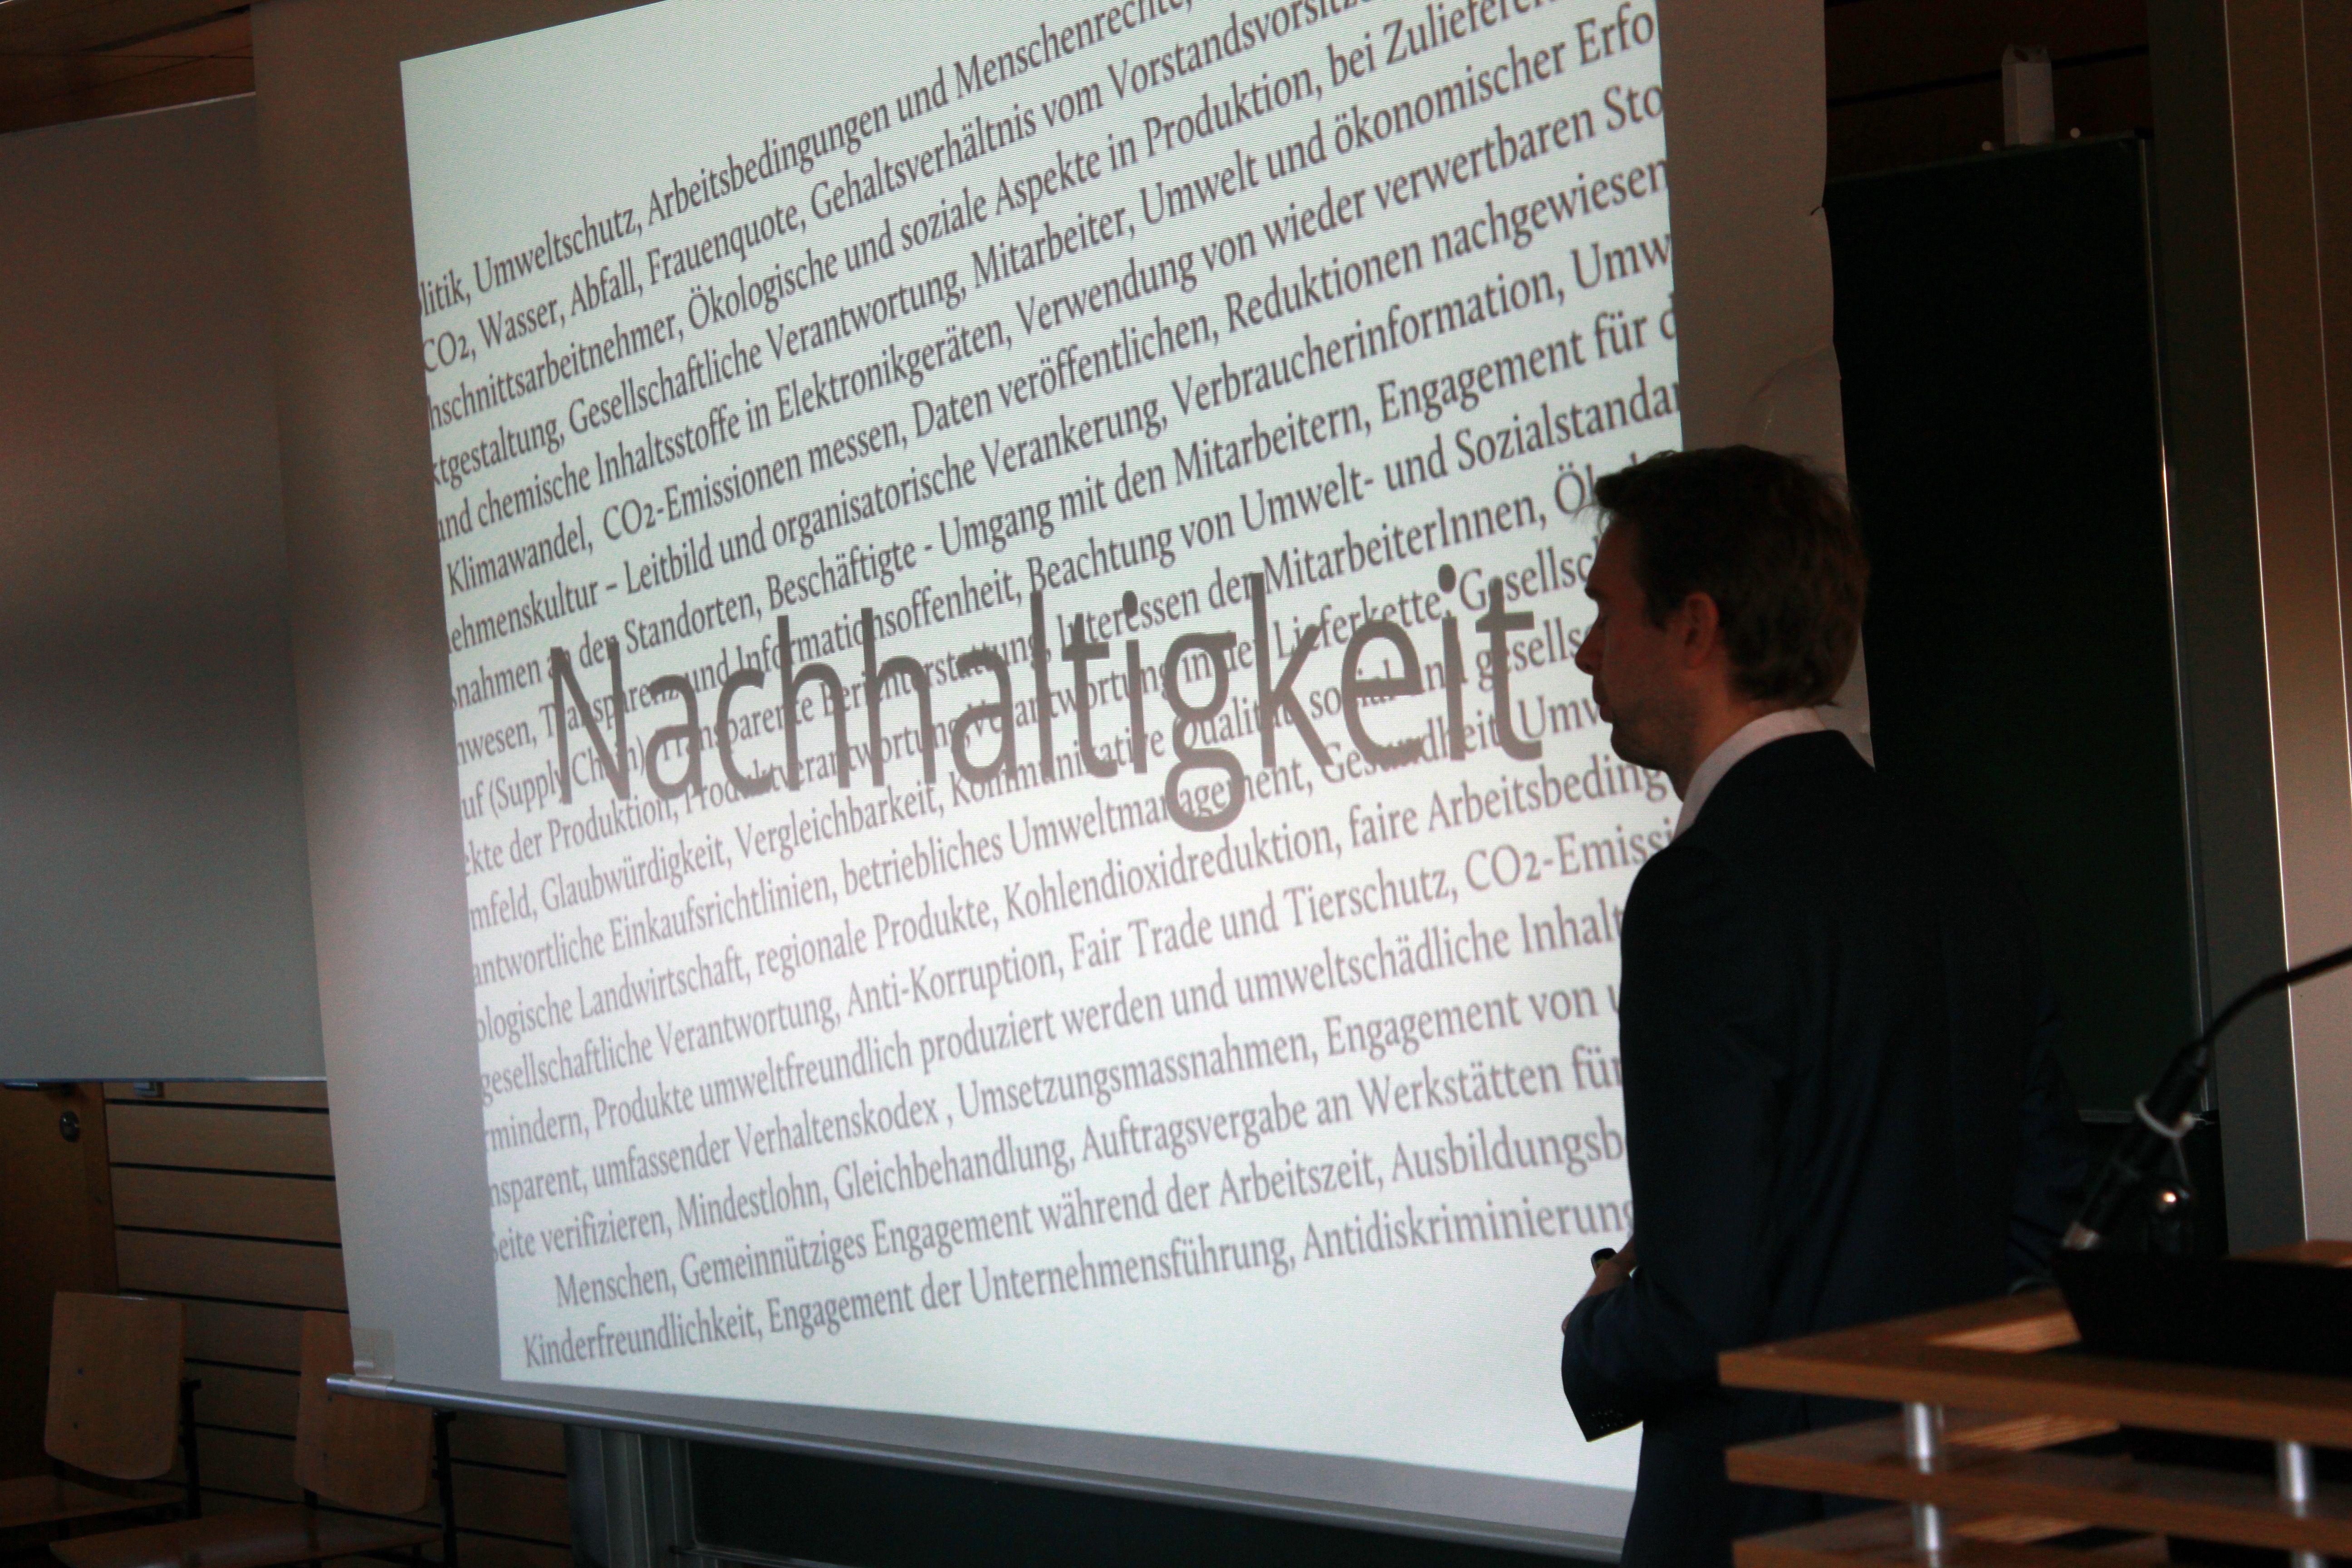 Vortrag auf dem WFI Dialogue on Sustainability in Ingolstadt 2012  Der WFI Dialogue on Sustainability ist die größte studentische Konferenz zum Thema Nachhaltigkeit im deutschsprachigen Raum. Für zwei Tage treffen Studenten und Doktoranden unterschiedlichster Fachrichtungen auf renommierte Persönlichkeiten aus Wirtschaft, Wissenschaft und Politik. http://www.denknachhaltig.de/new/ https://www.facebook.com/media/set/?set=a.403437023061465.91821.103150349756802&type=3